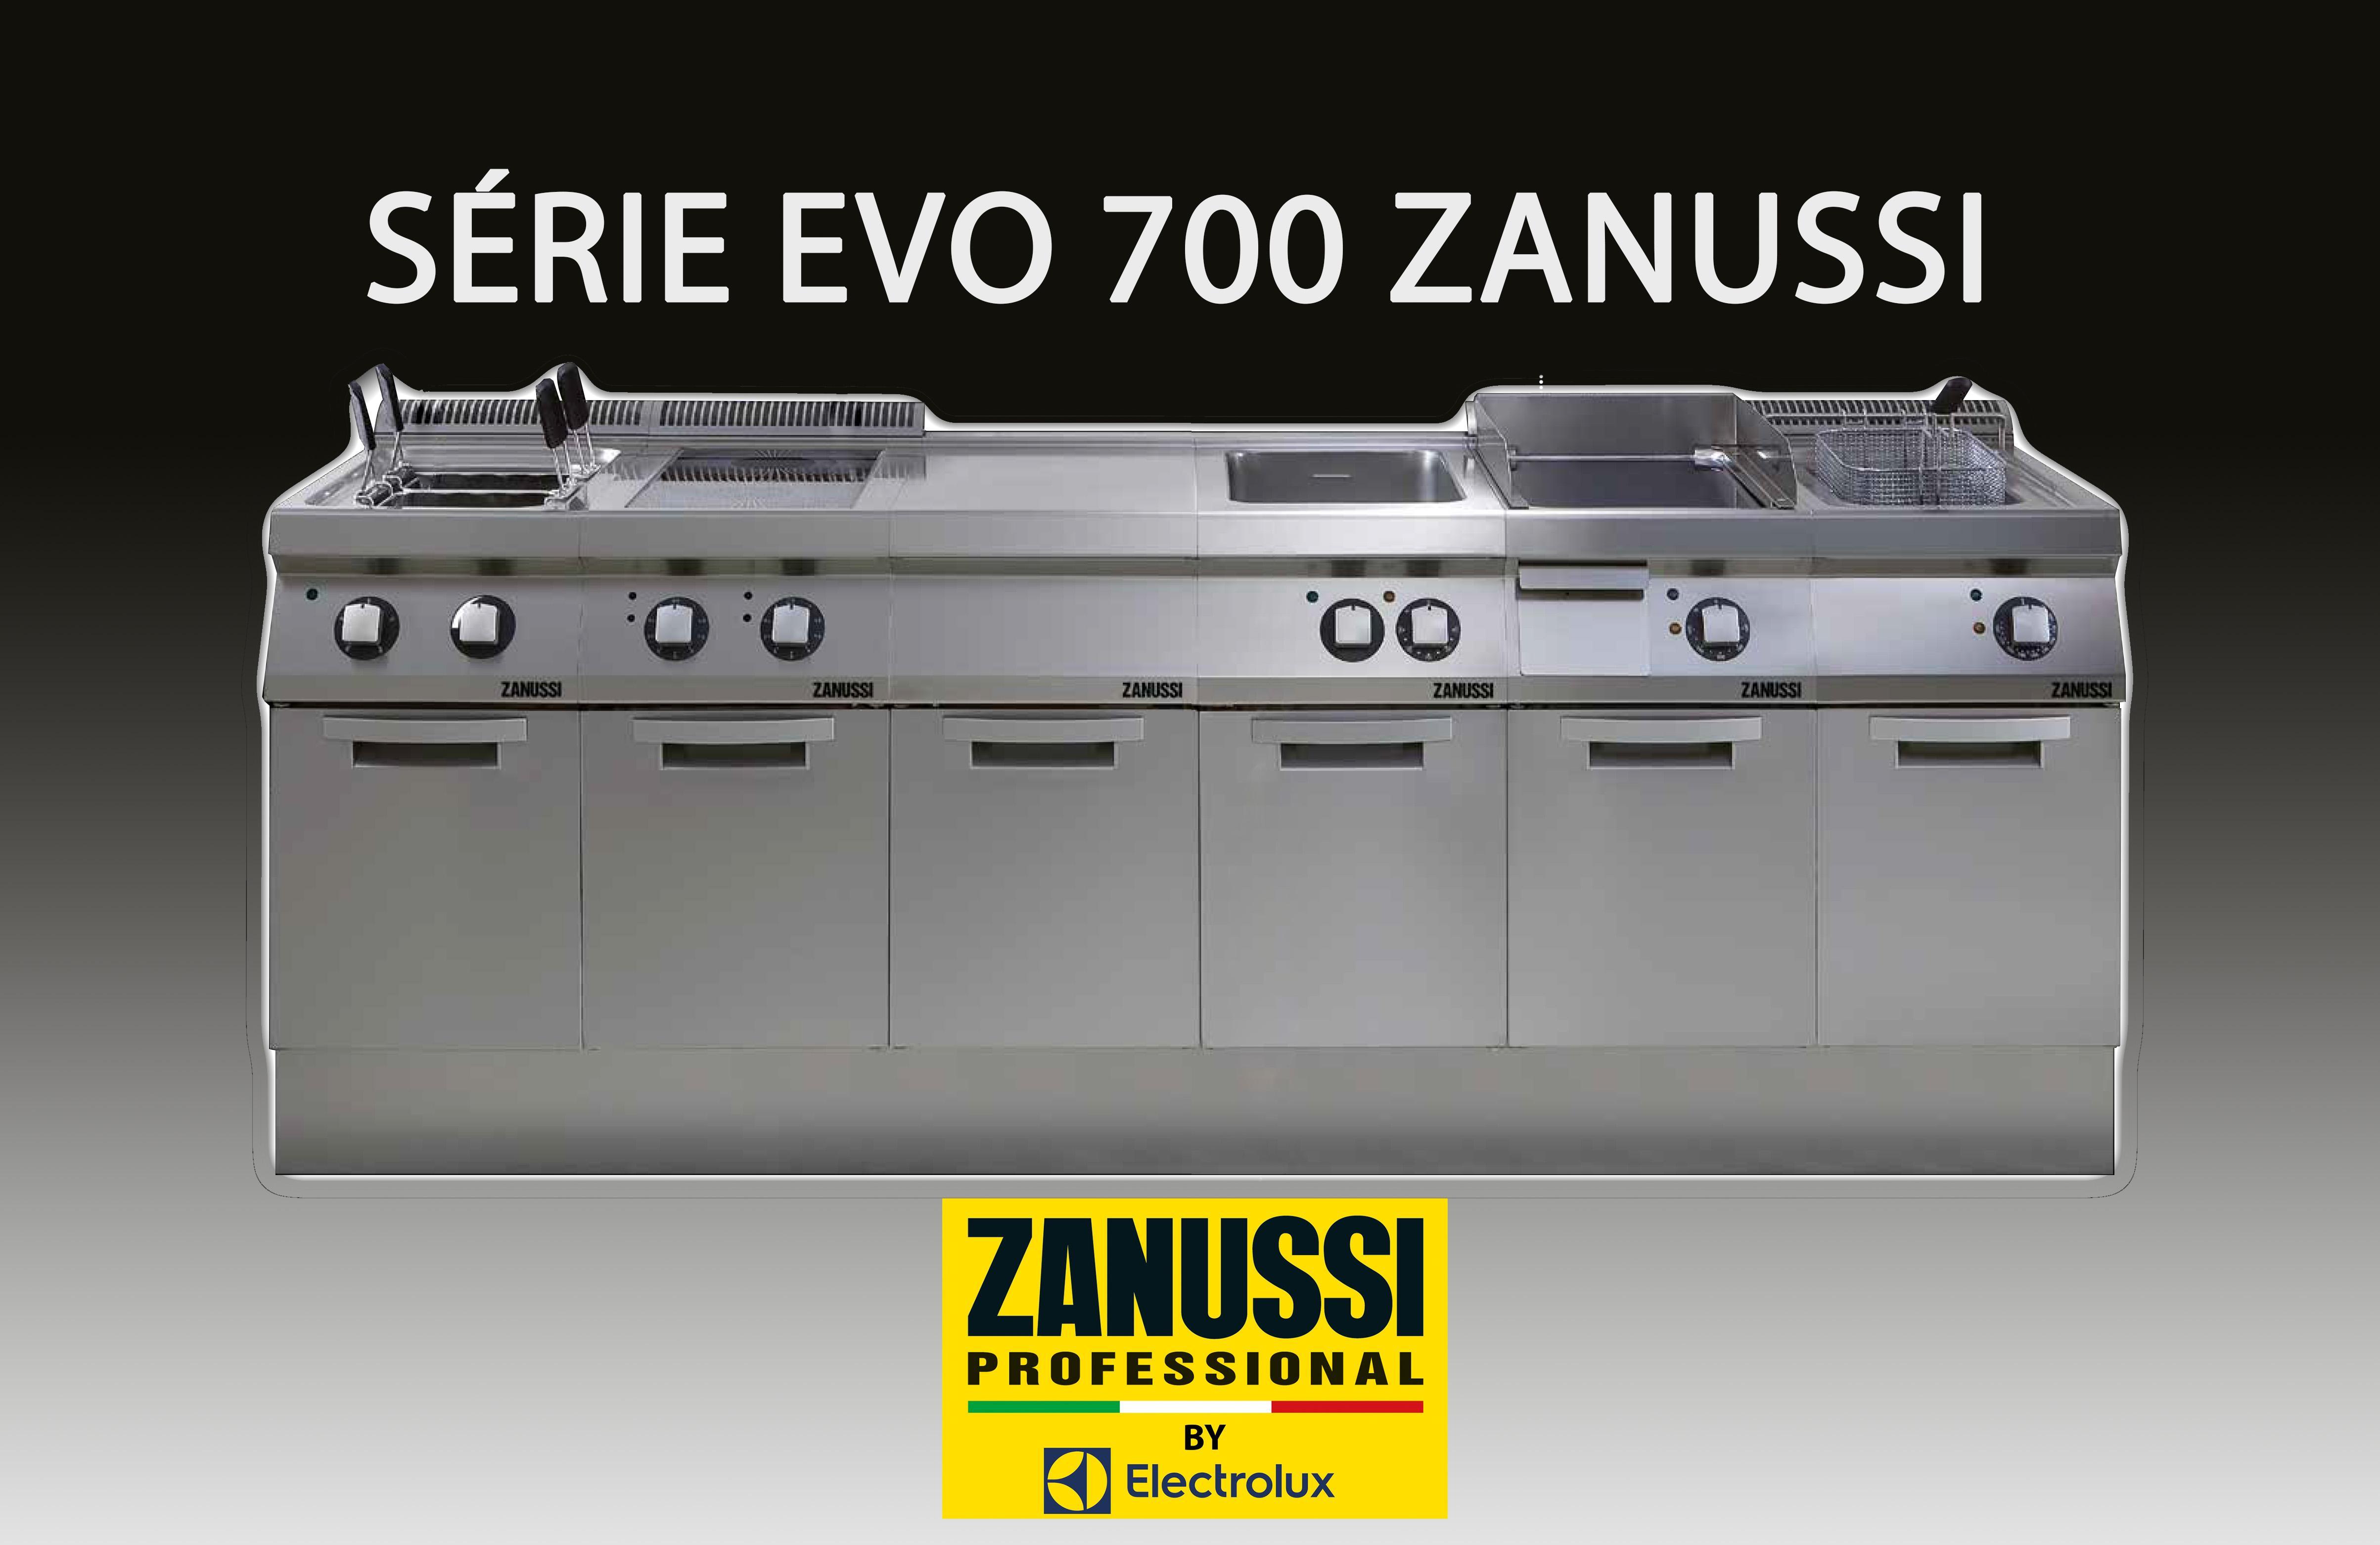 Série 700 Zanussi au melleur prix chez Paques SA